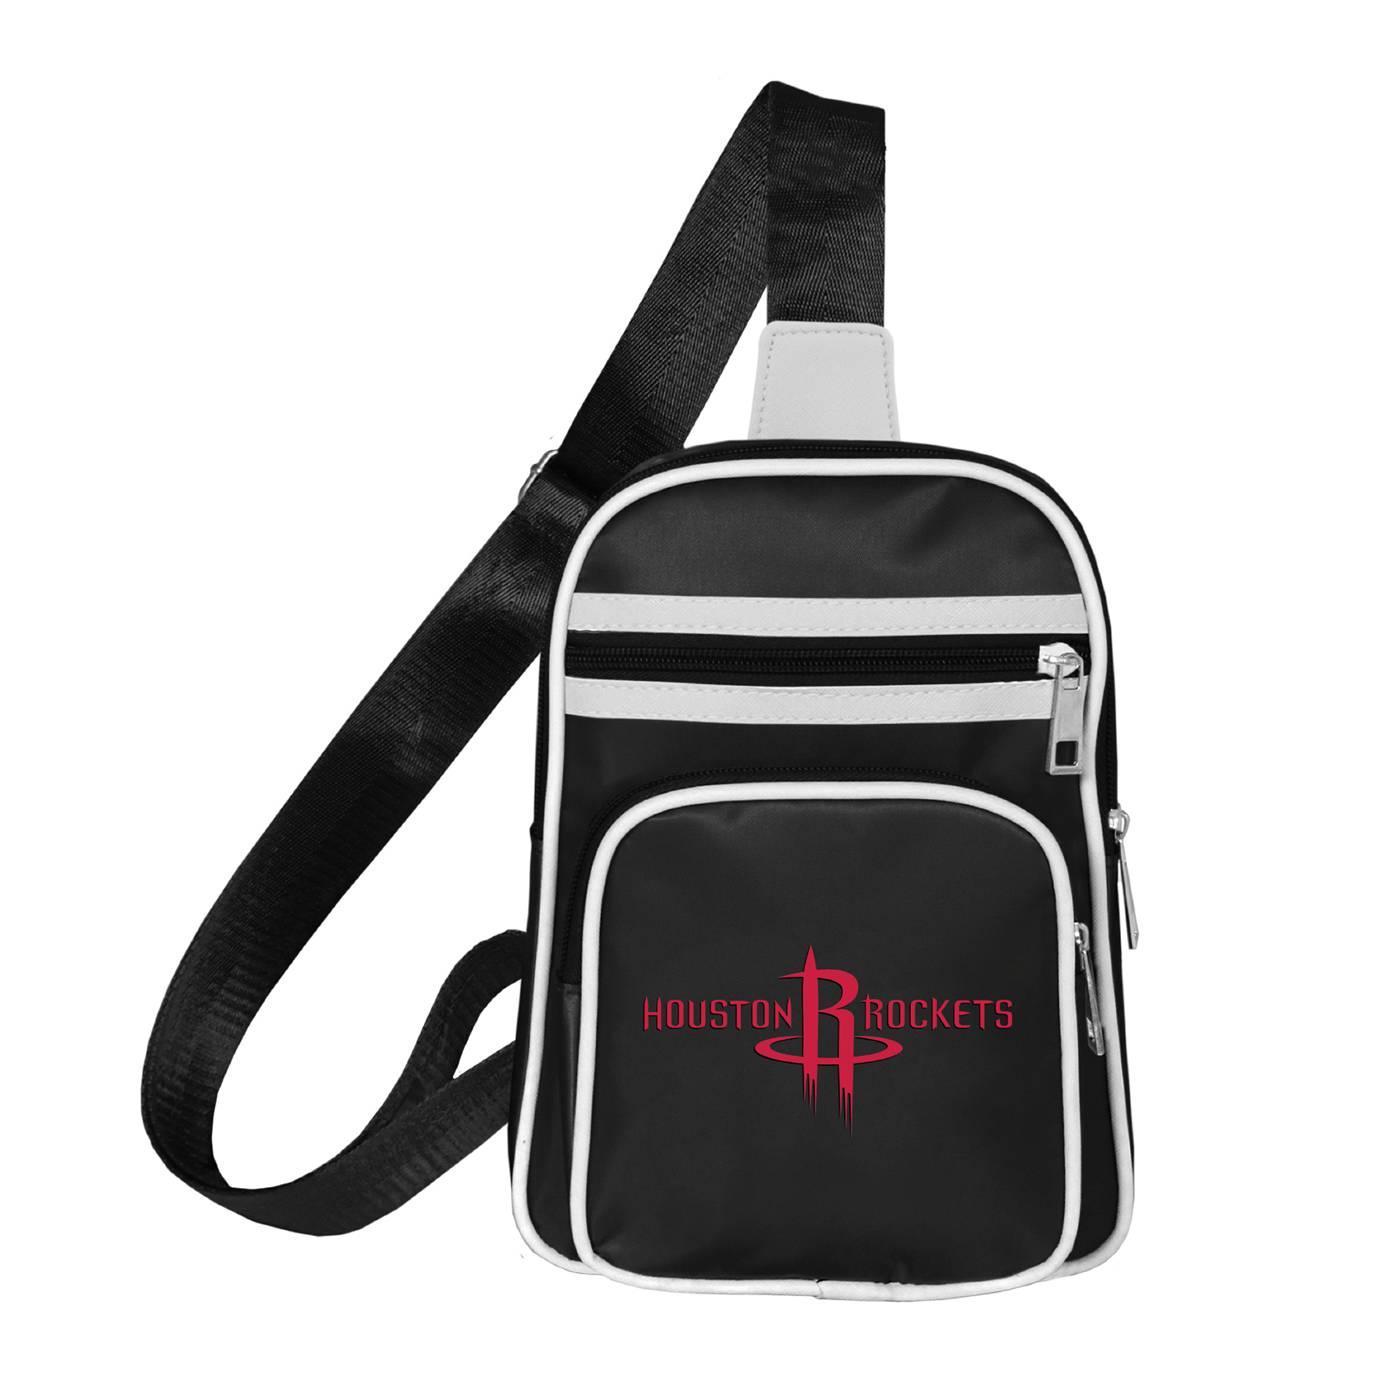 d437d95e7121 Black mini sling backpack fenix toulouse handball jpg 1400x1400 Mini sling  backpack purses